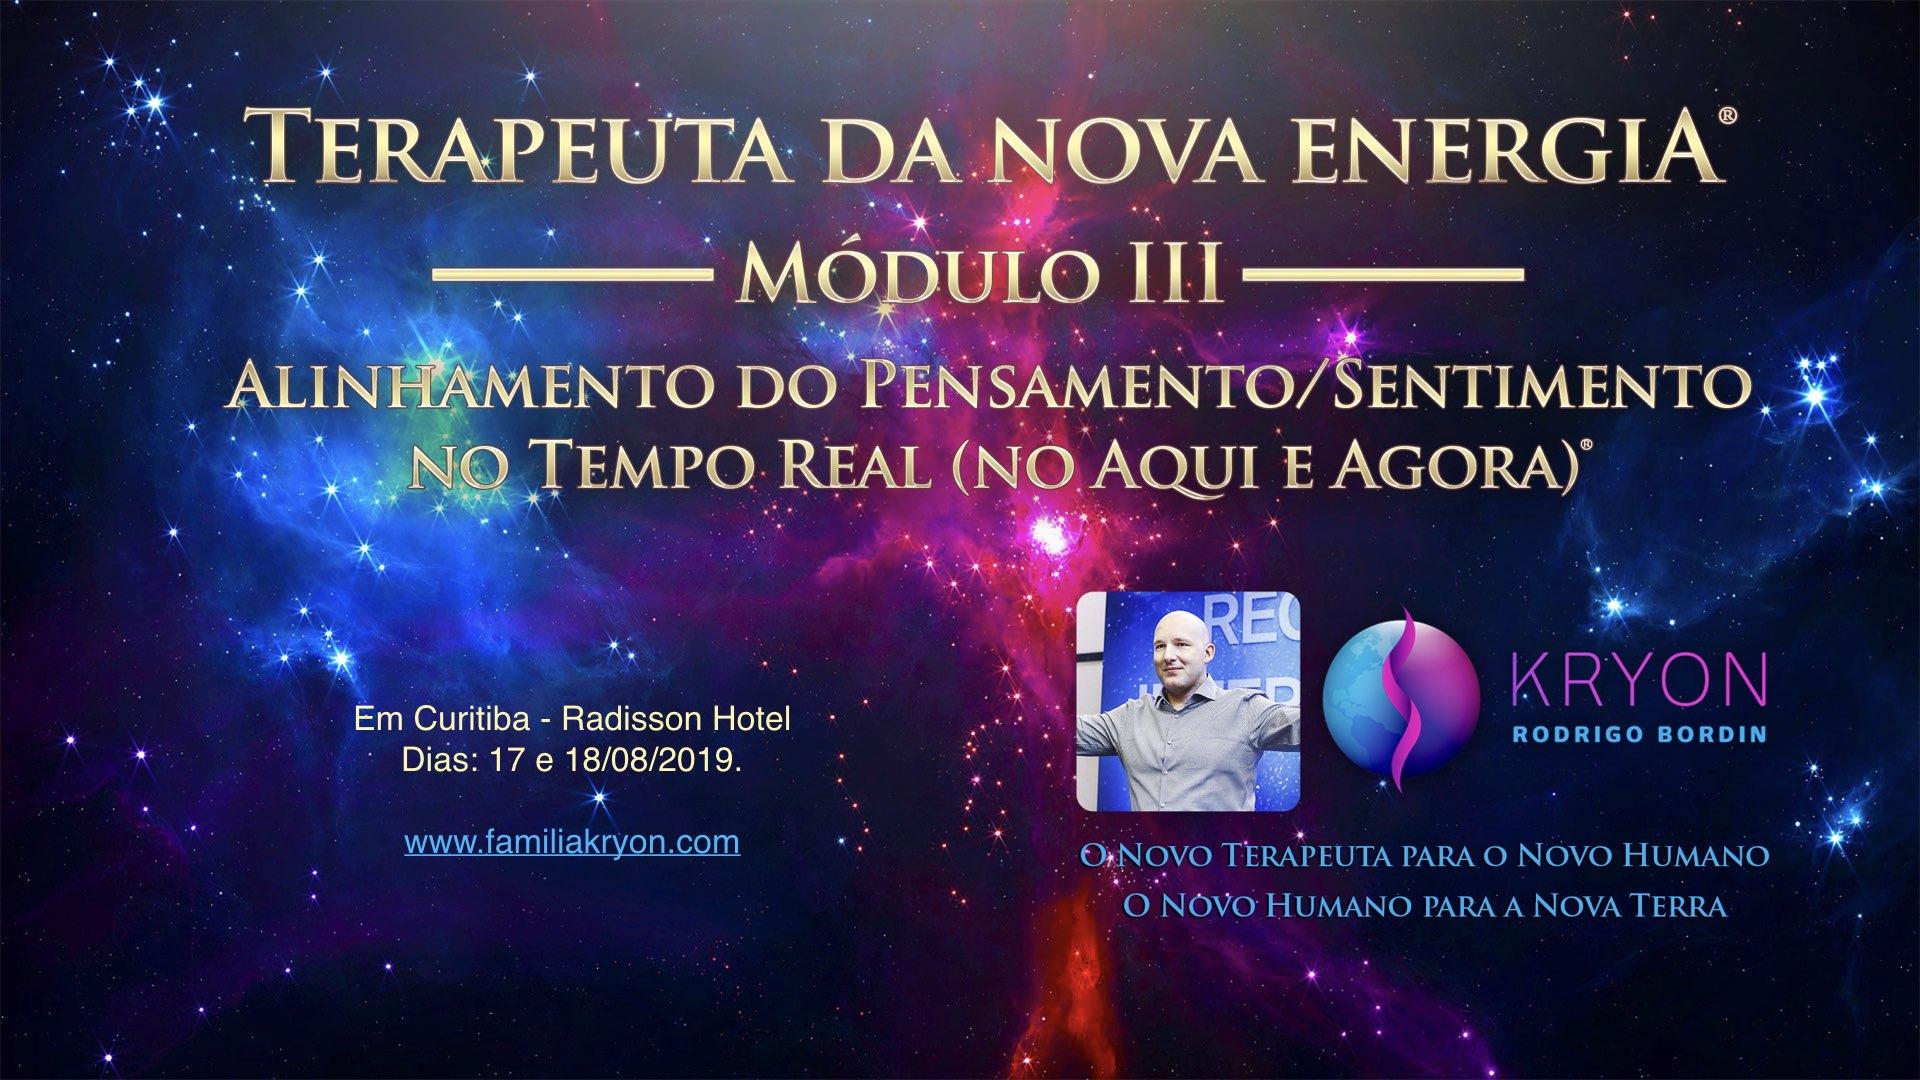 Terapeuta da Nova Energia® - Módulo III - Alinhamento do Pensamento Sentimento no Tempo Real (no Aqui e Agora)®